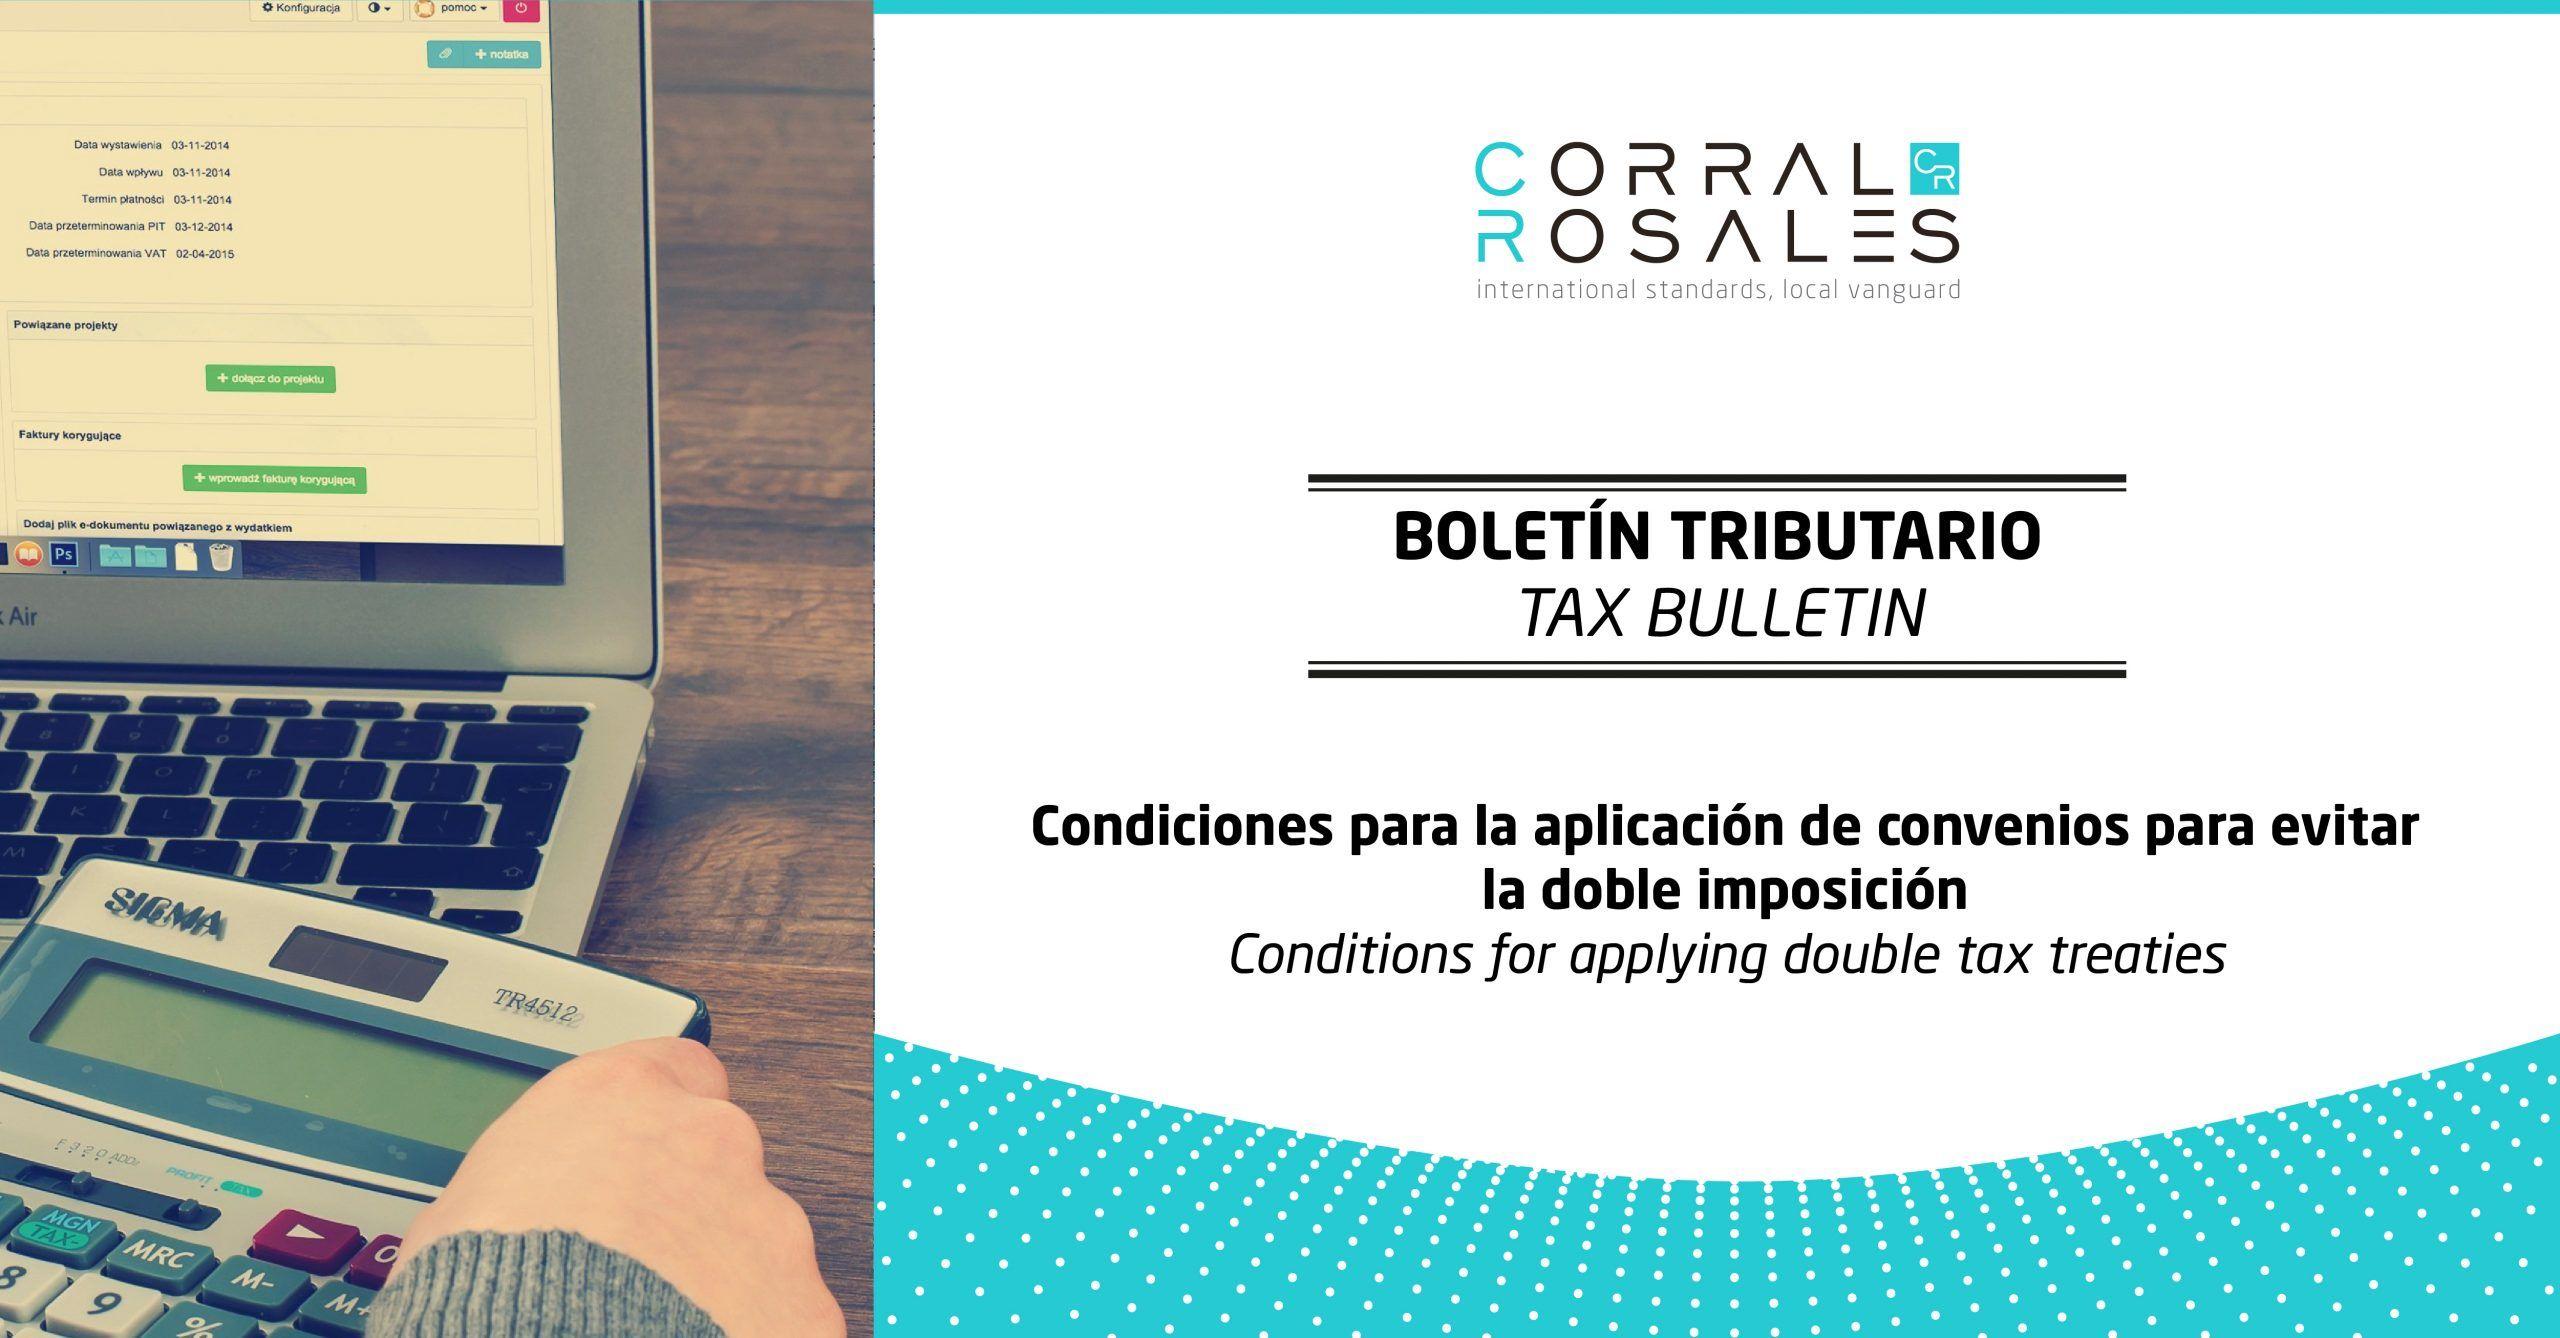 corral-rosales-condiciones-para-la-aplicacion-de-convenios-para-evitar-la-doble-imposicion-abogados-ecuador